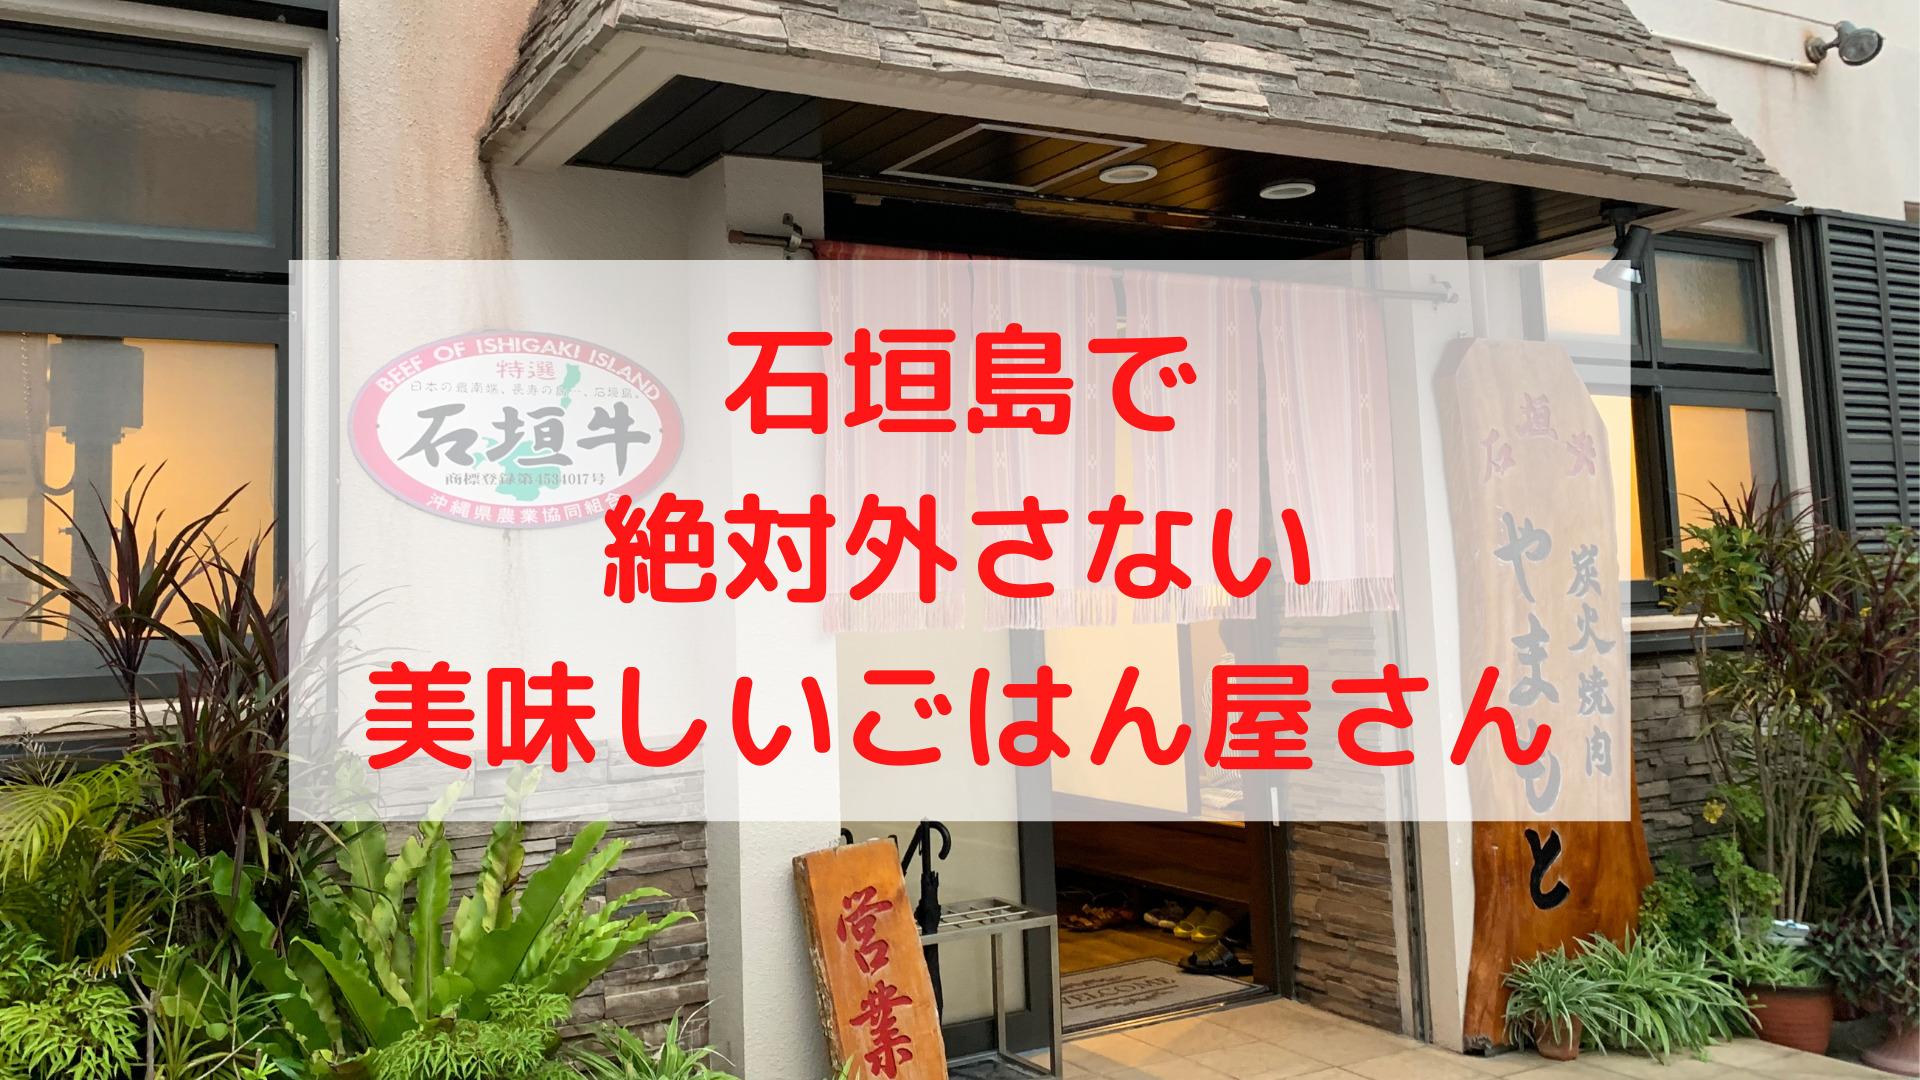 石垣島で迷ったらココ!絶対に外さない美味しいご飯16選!